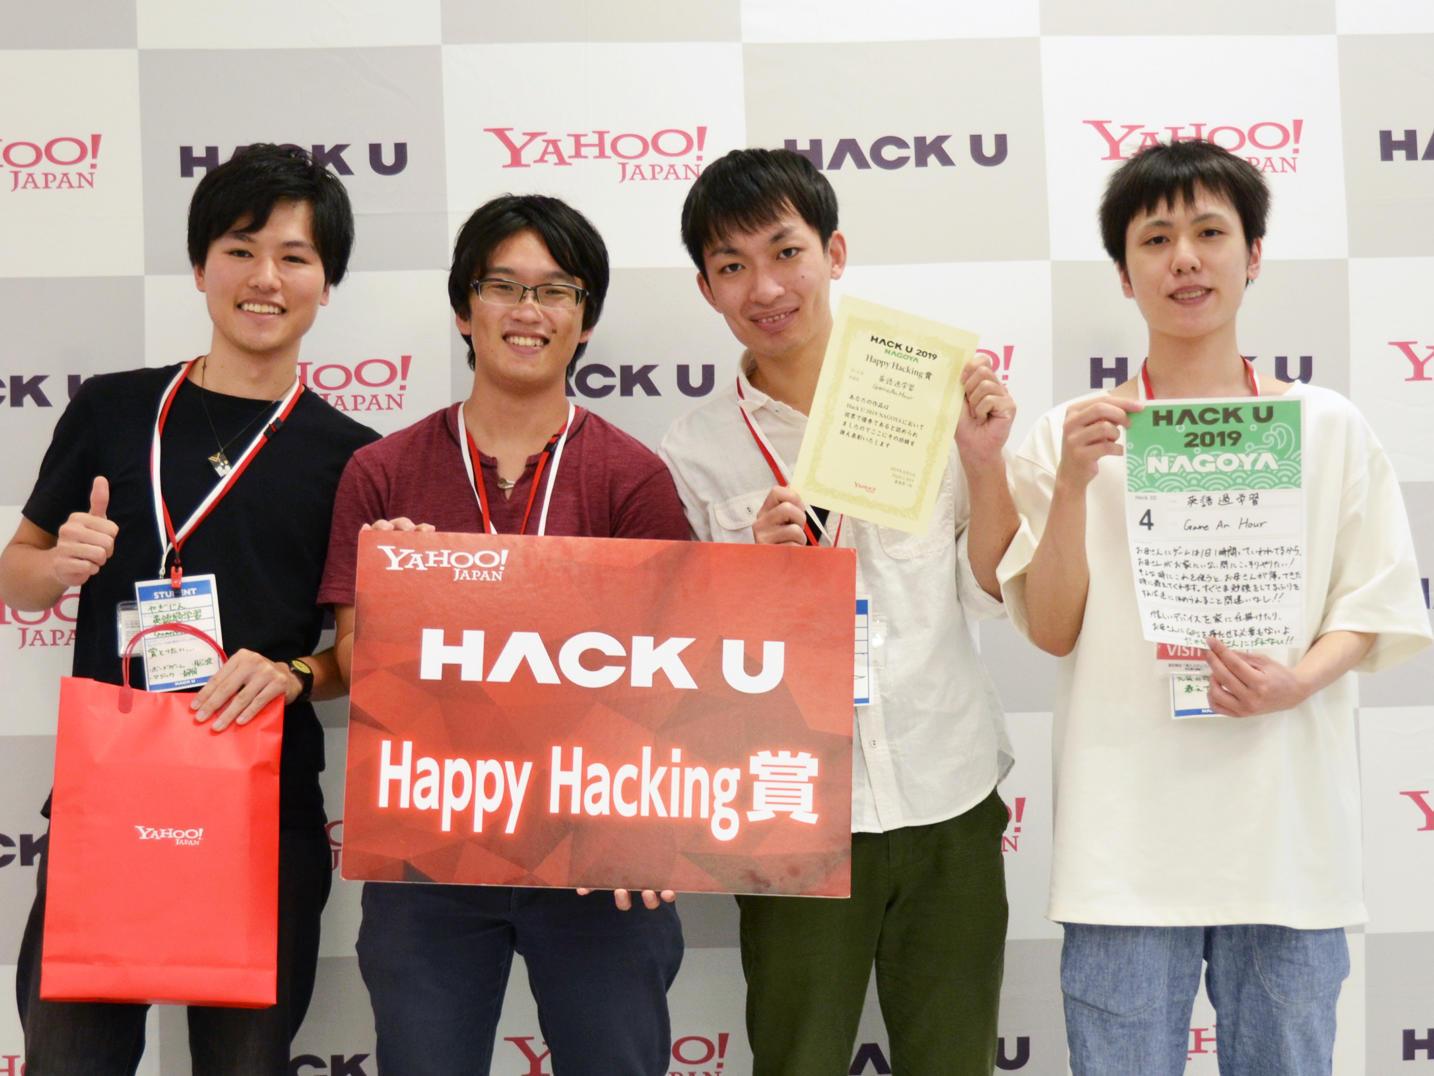 (左から)八木さん、高橋さん、前田さん、渡邉さん